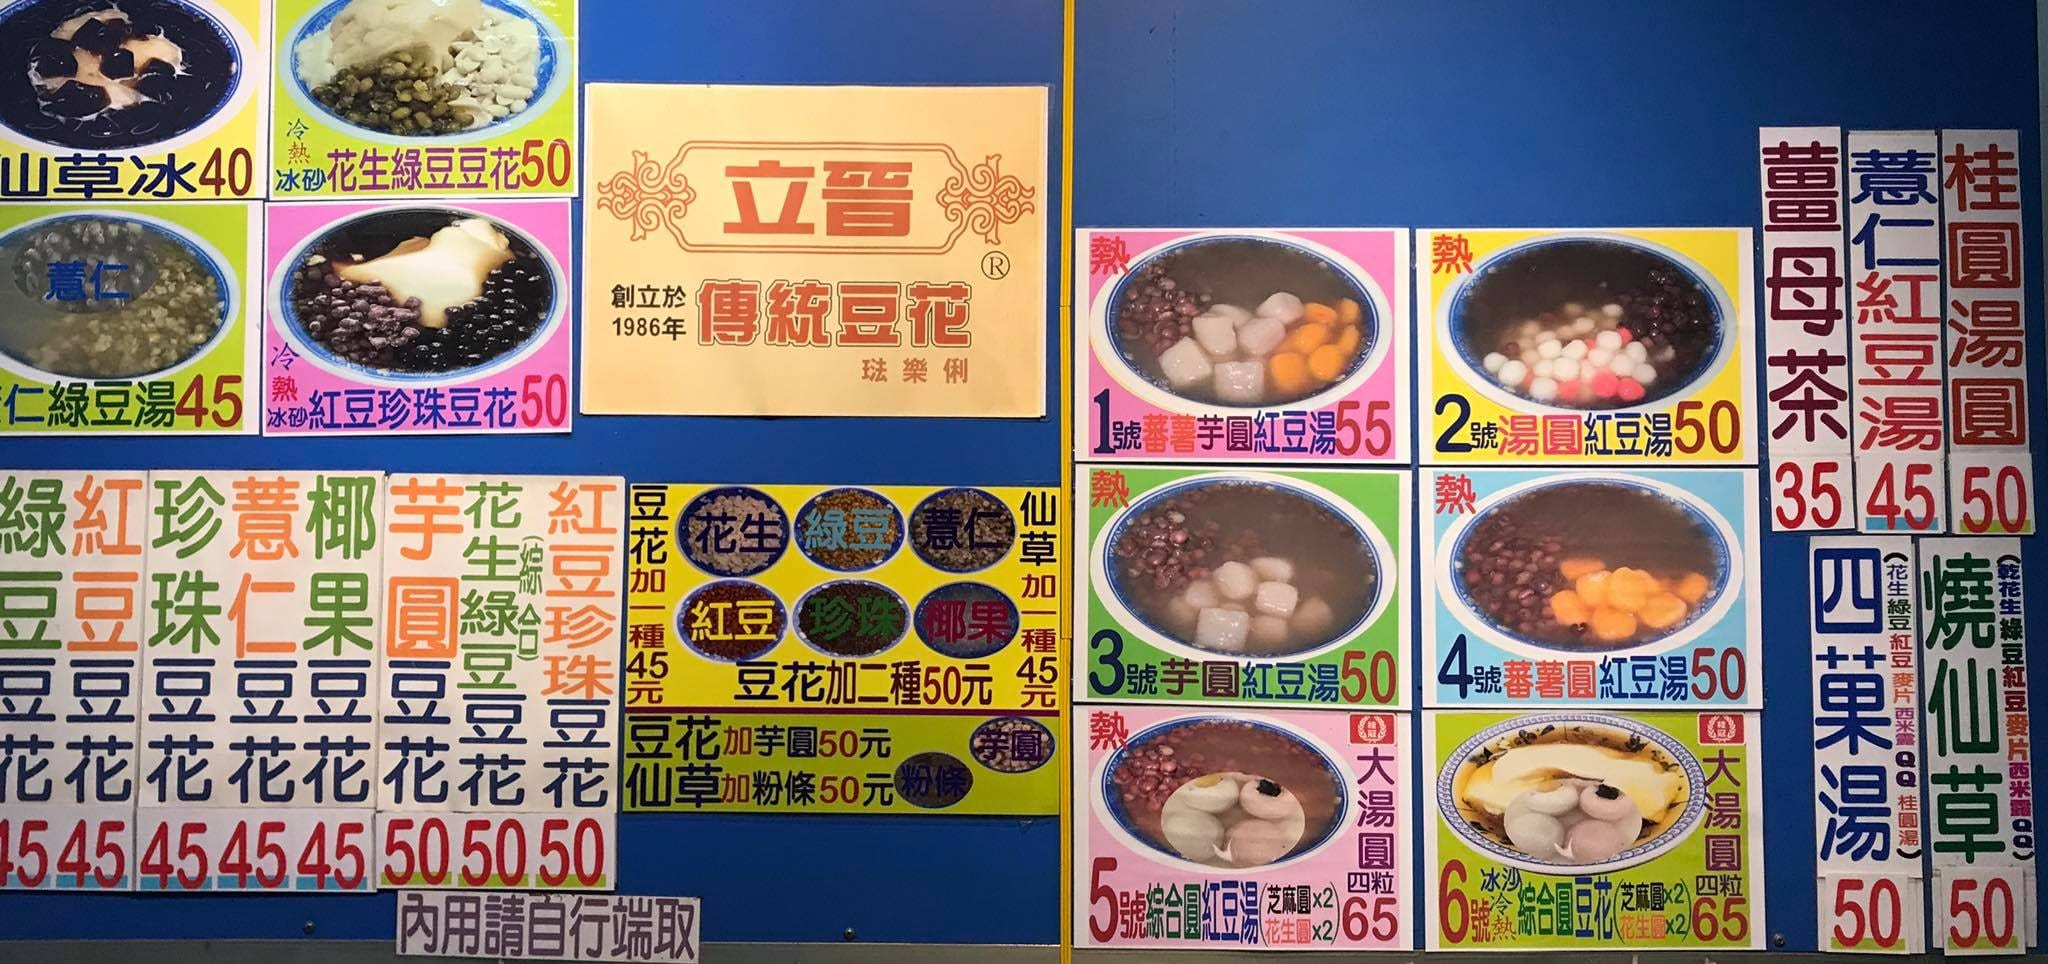 新竹清大美食|立晉傳統豆花(黑糖綿綿冰豆花、夏天必吃冰品)